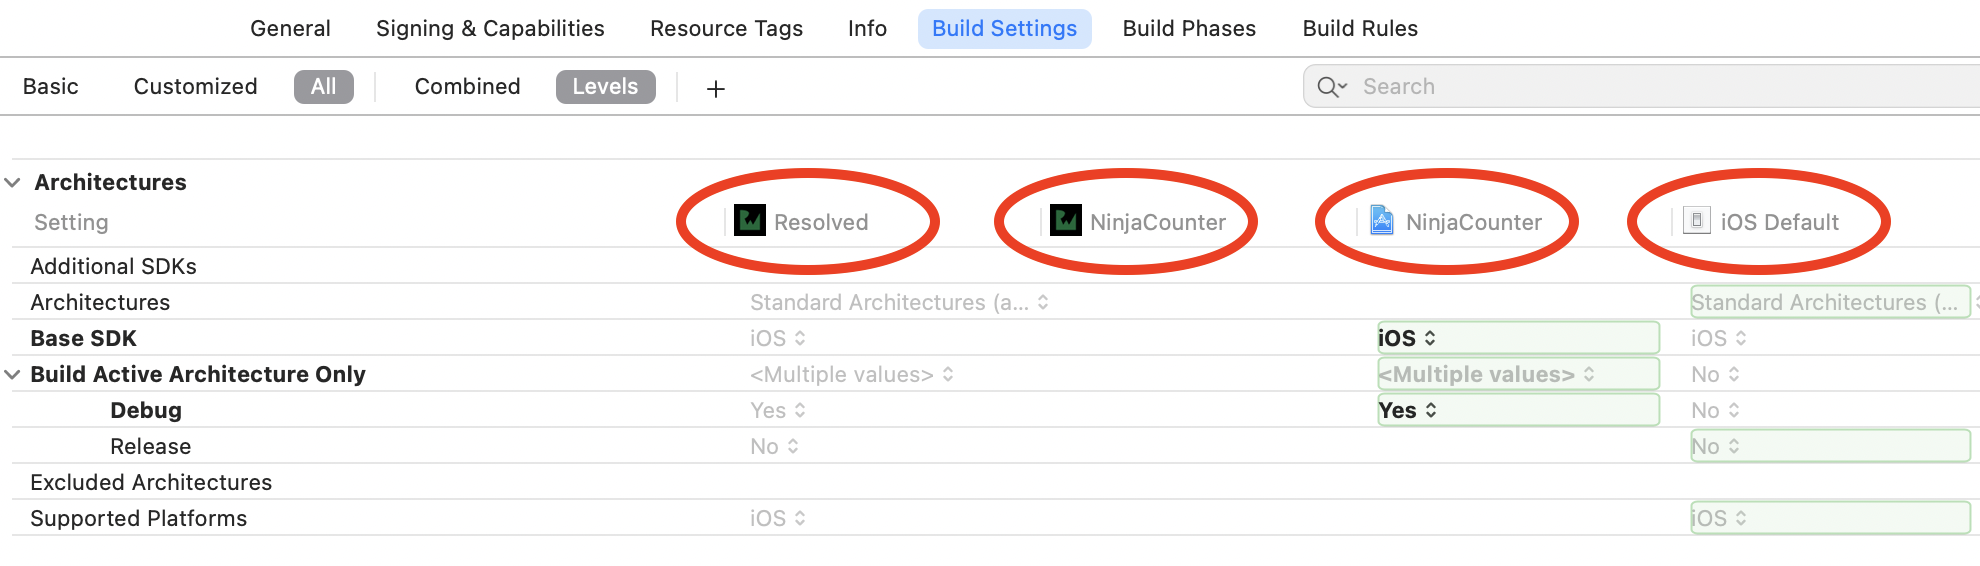 NinjaCounter app's build settings